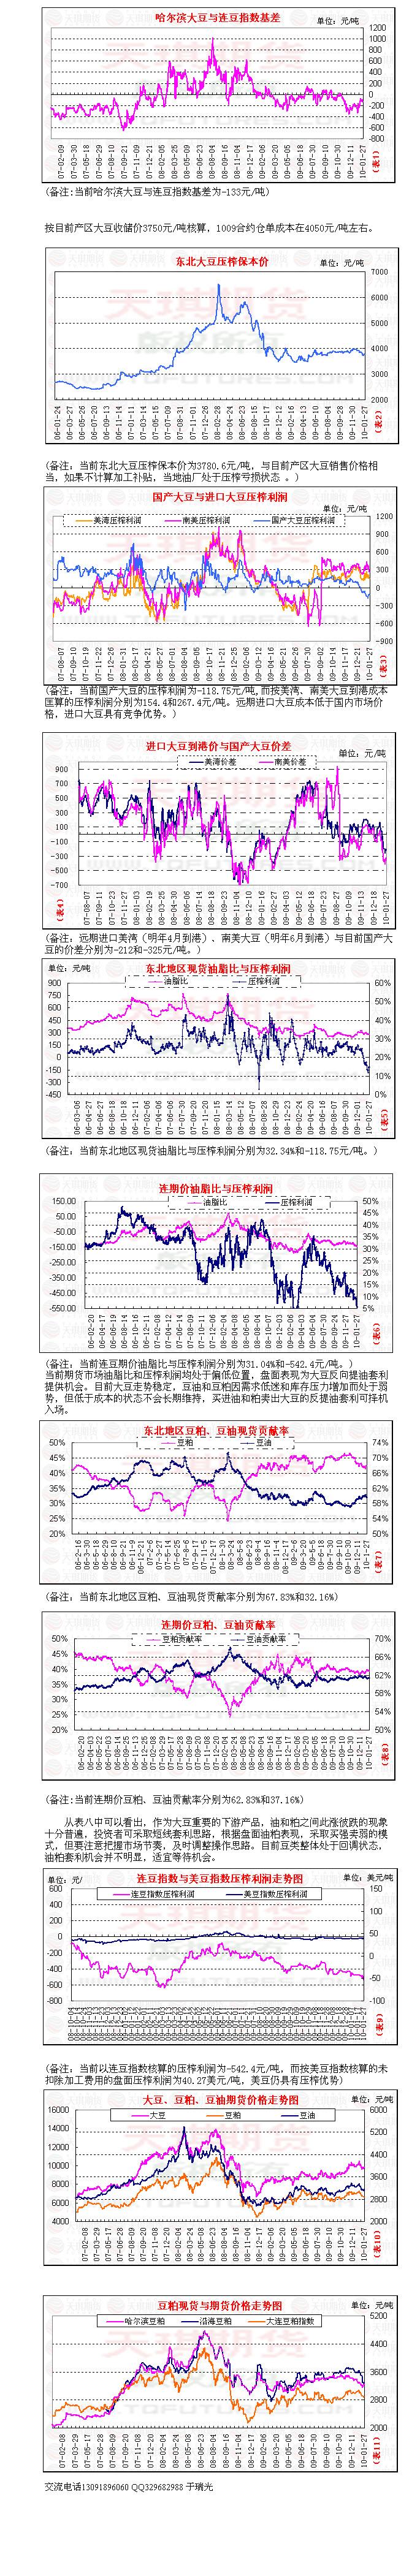 1月27日豆类市场图表分析